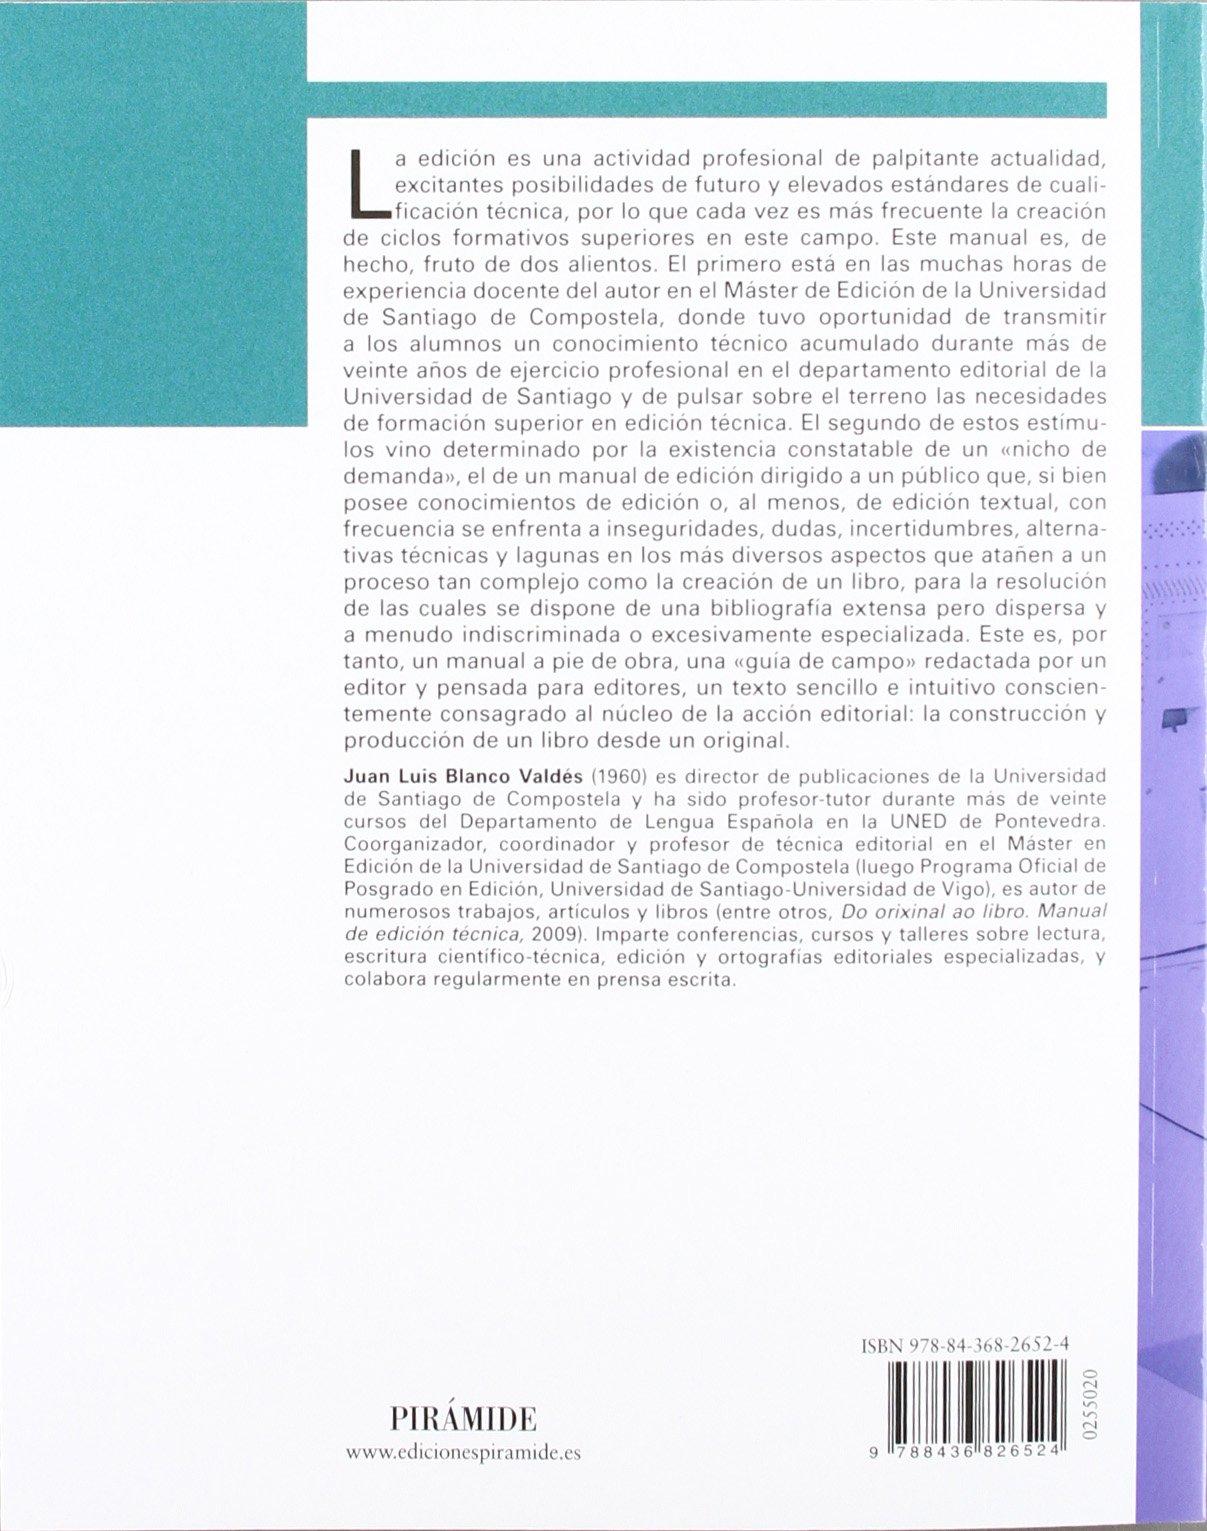 Manual de edición técnica: Del original al libro Ozalid ...